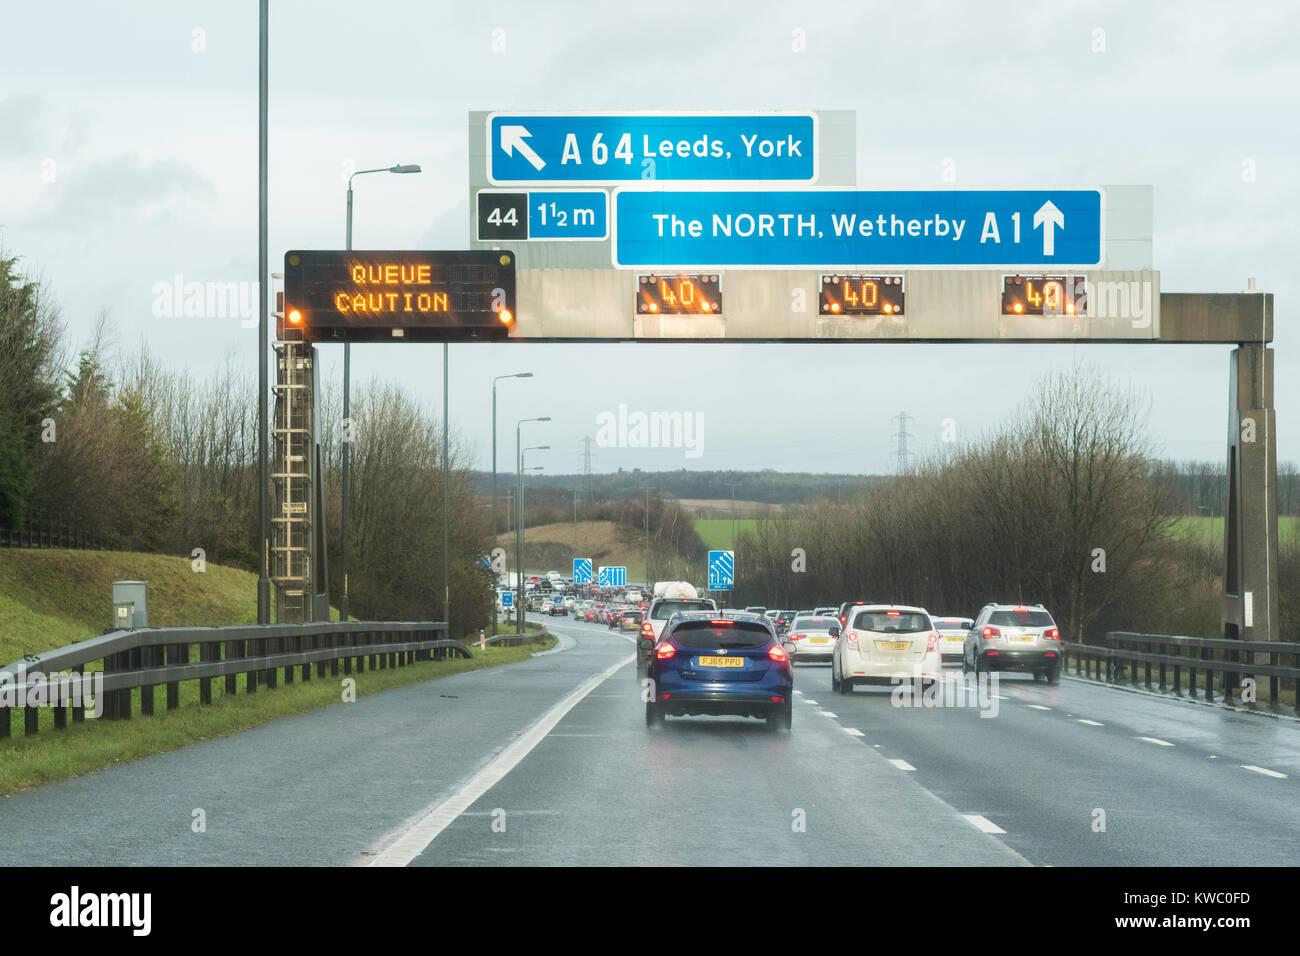 Autoroute britannique signe du bras avec avertissement et limitation de vitesse où l'autoroute M1 et A1M Photo Stock